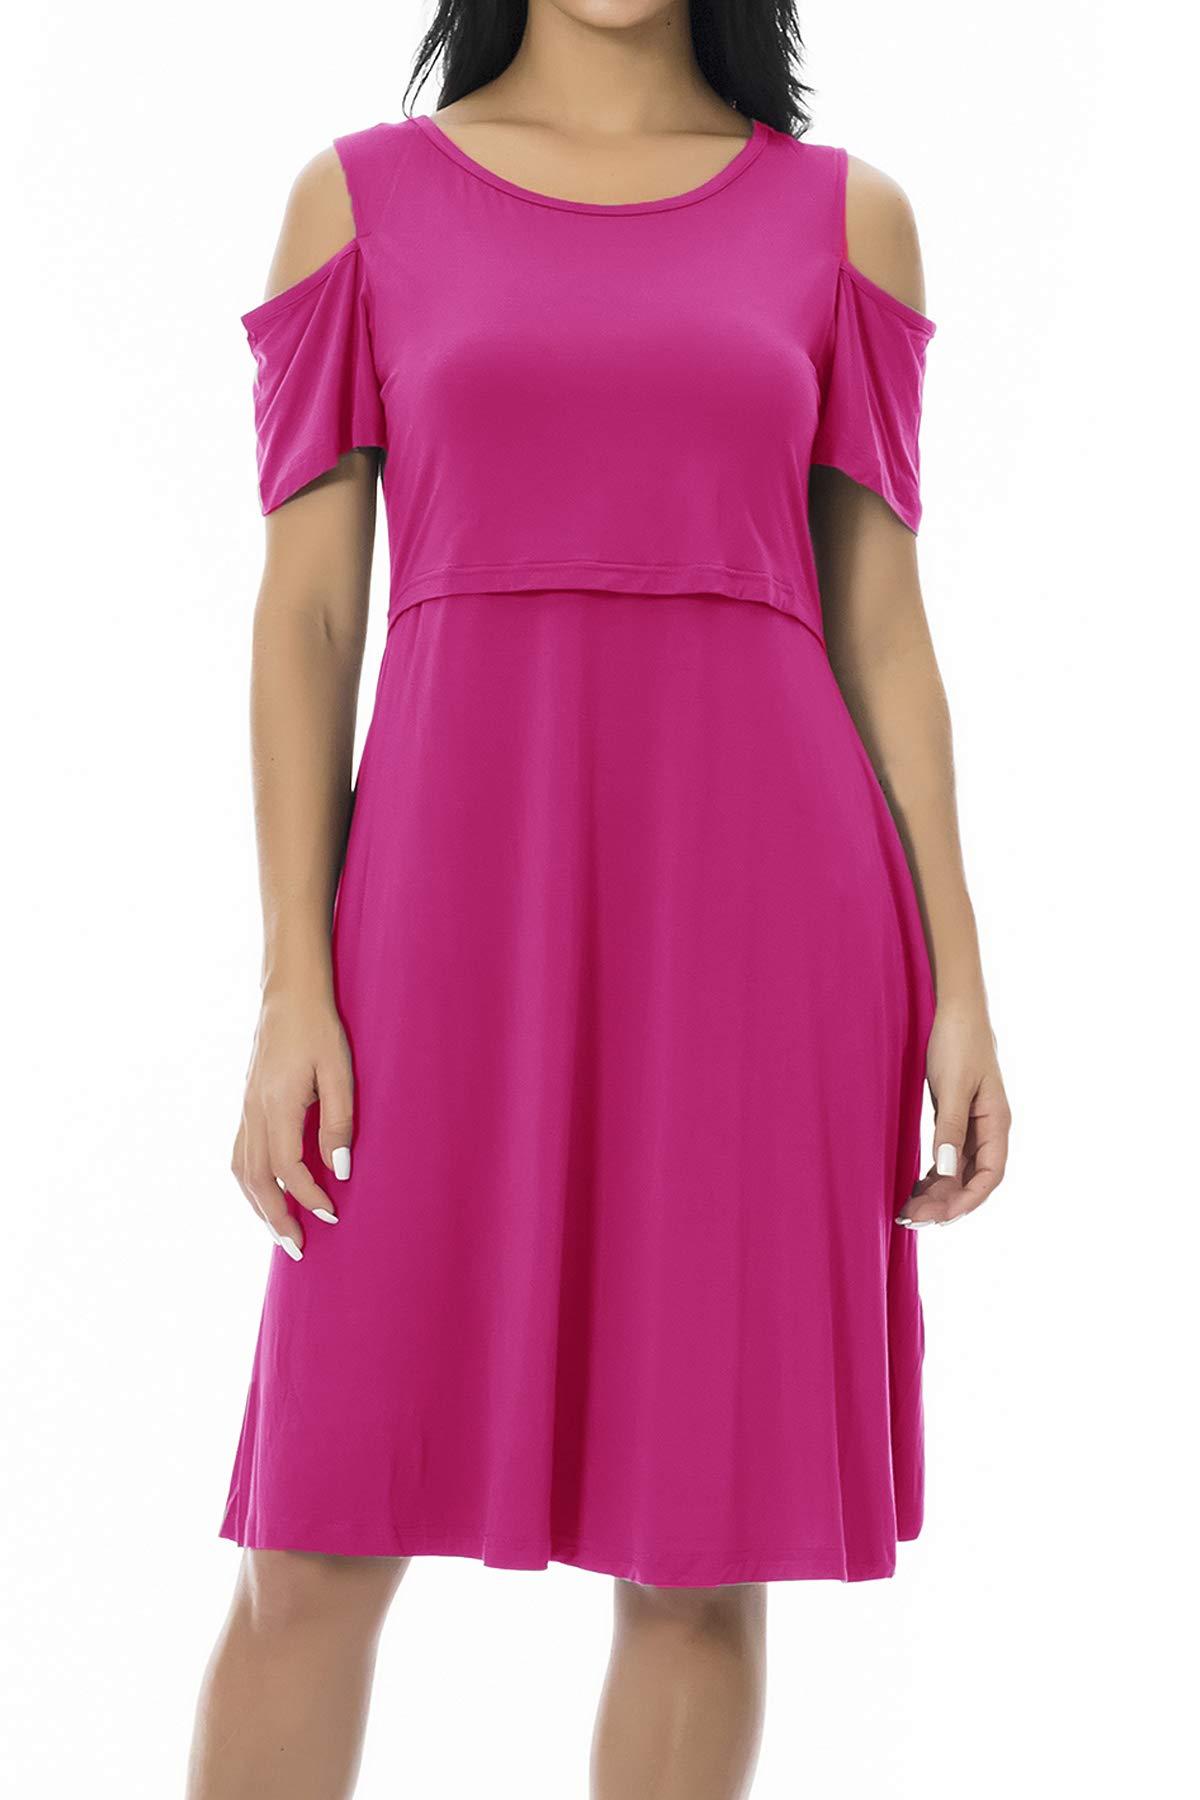 Smallshow Maternity Nursing Breastfeeding Dresses for Women Large Rose Red